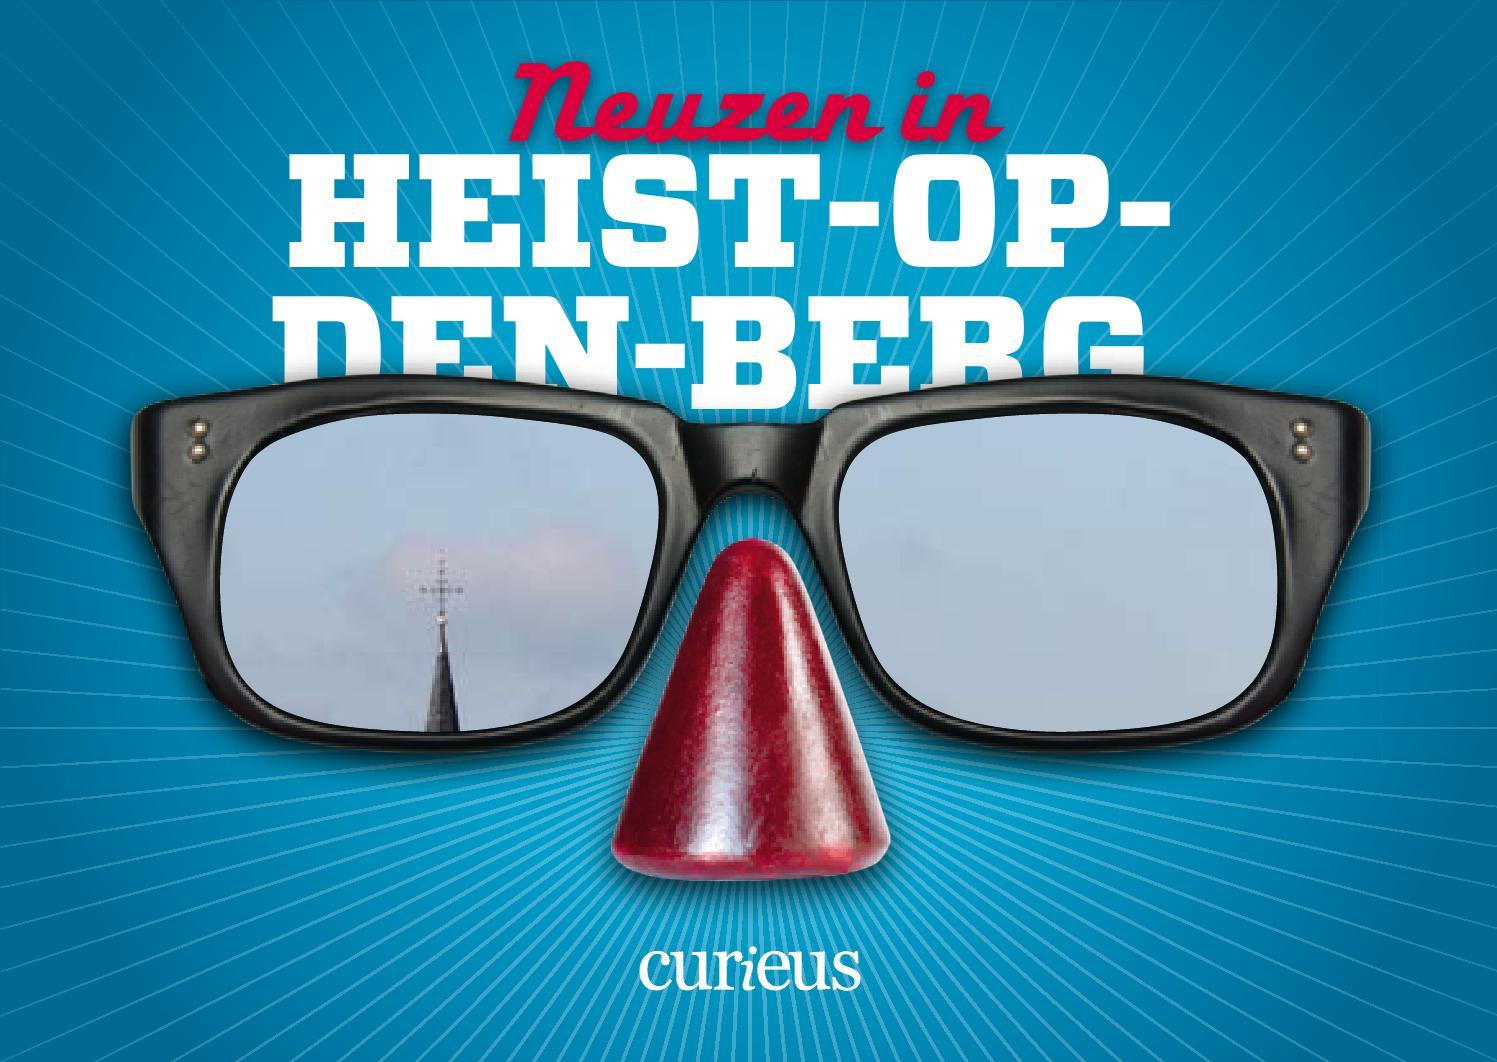 heist op den berg single guys Jo v is a cyclist from heist-op-den-berg, vlaanderen, belgium join strava to track your activities, analyze your performance, and follow friends.